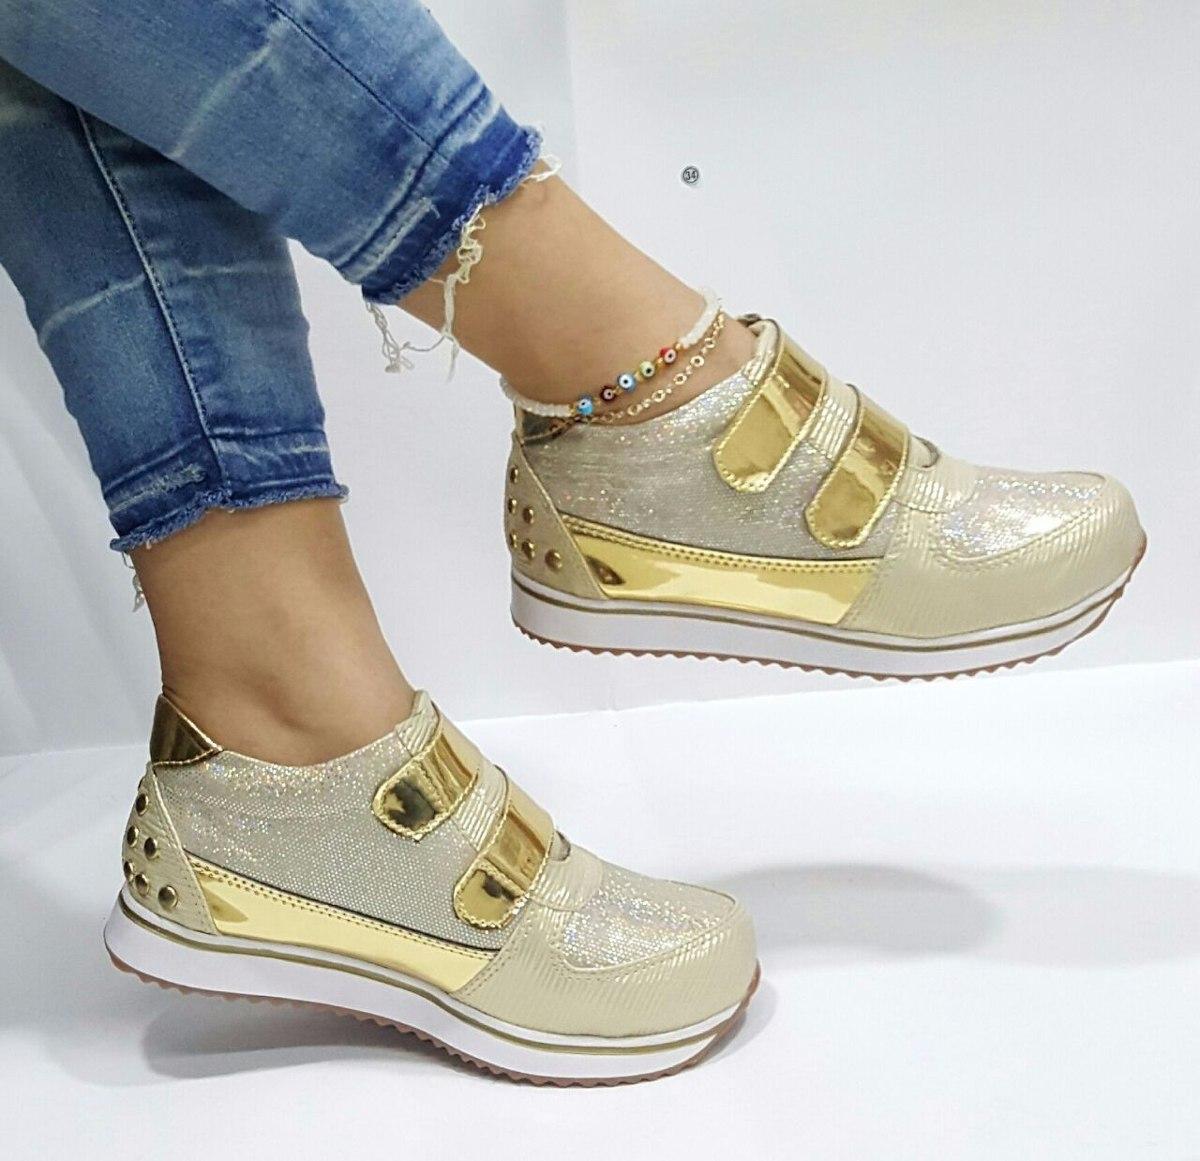 69587f93 Zapato Teni Calzado Dama Mujer Hecho Colombia Dorado - $ 56.000 en ...